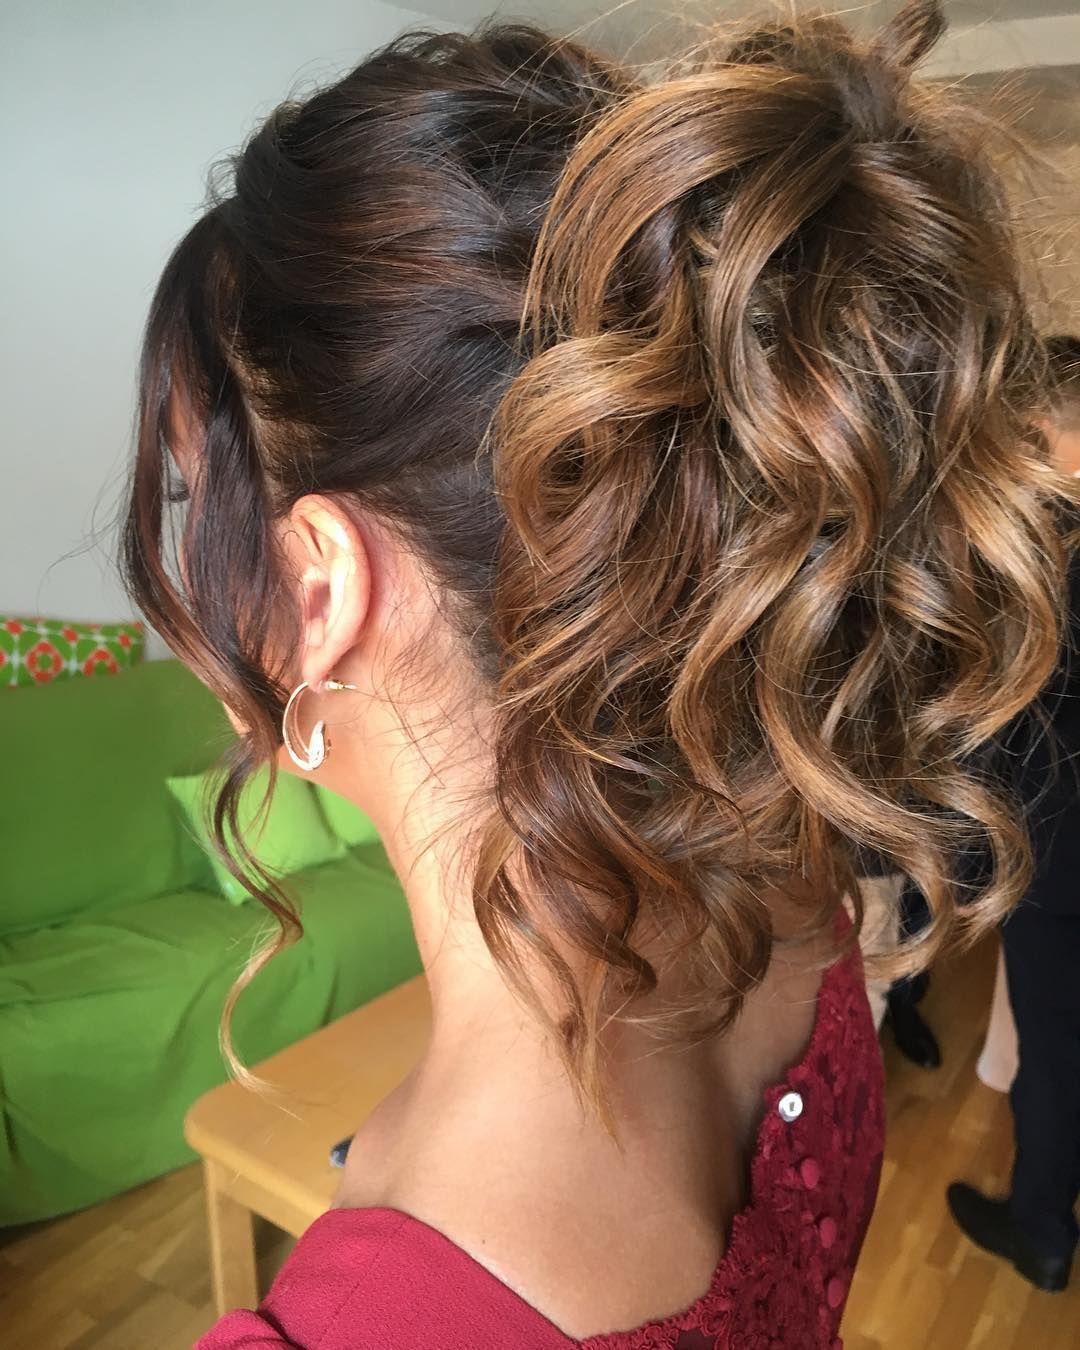 Hairstylist Dugun Hairdresser Coolhair Invitada Braids Bodas Eyes Brunette Peinados Peinados Sencillos Peinados Para Boda Invitadas